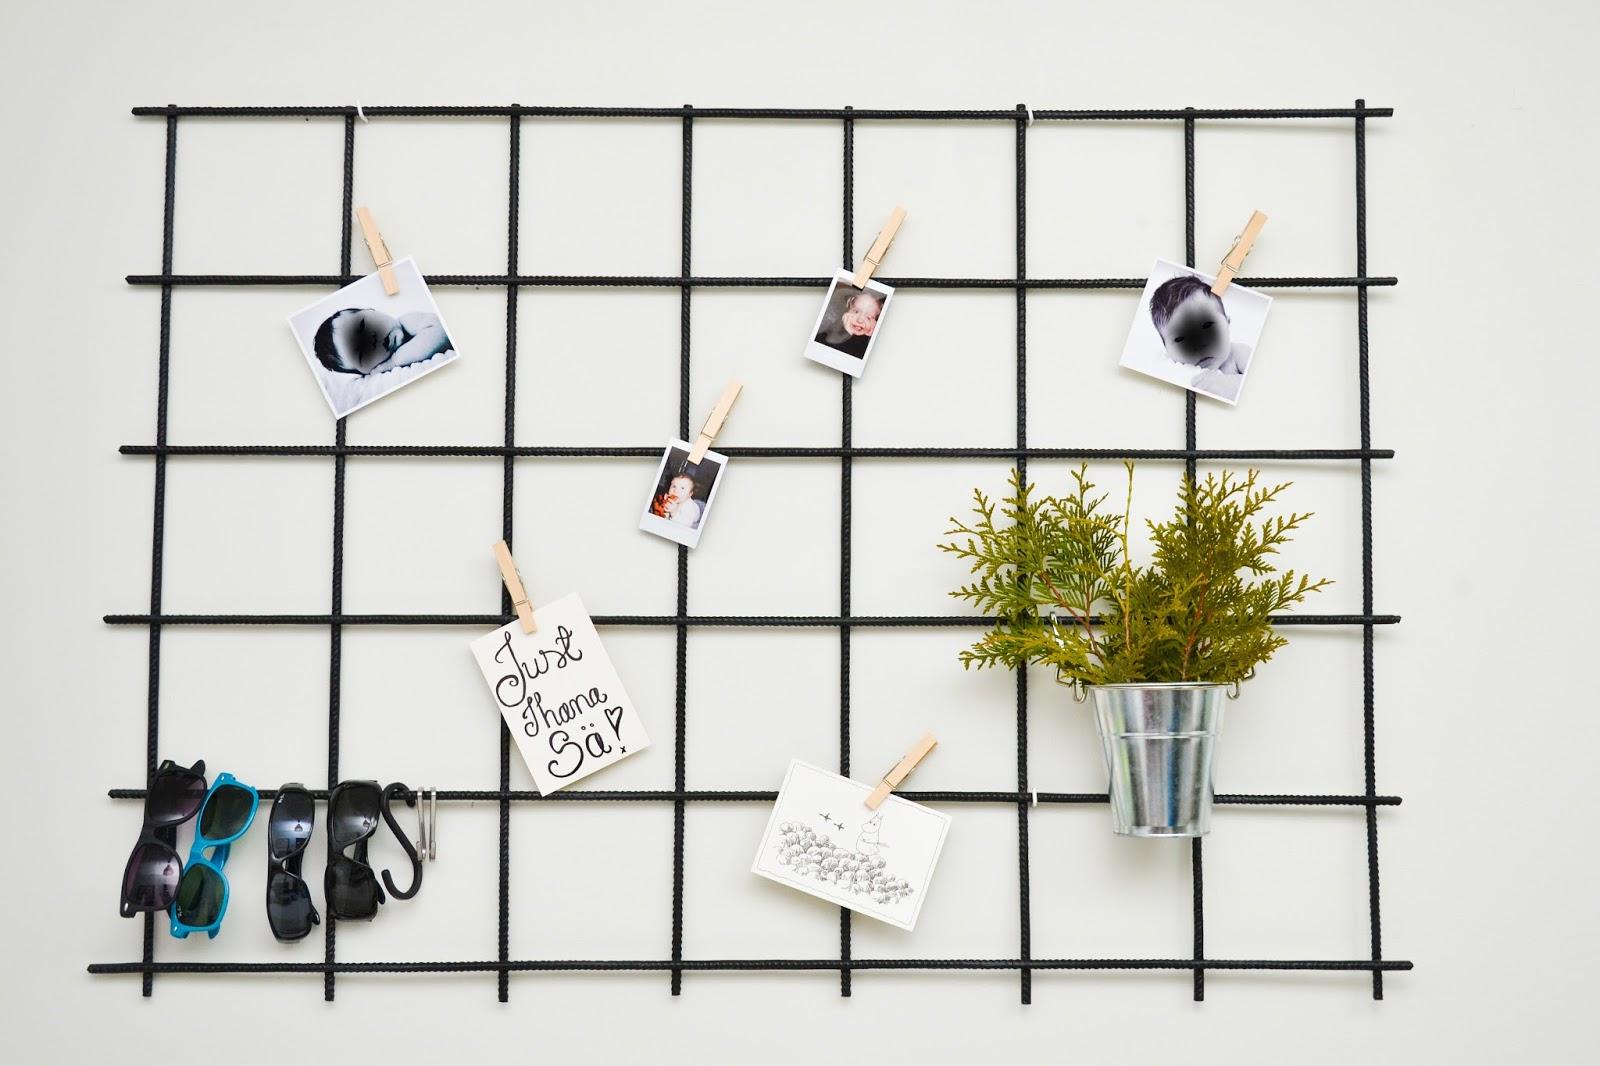 Saippuakuplia olohuoneessa- blogi, kuva Hanna Poikkilehto, adores us babies bunny poster, Granit, Artek, Alvar Aalto, Paimion parantola tuoli, Ikea, metallinen ritilä muistitaulu, diy, raudoitusverkko, työhuone, koti, sisustus, blogisisaret